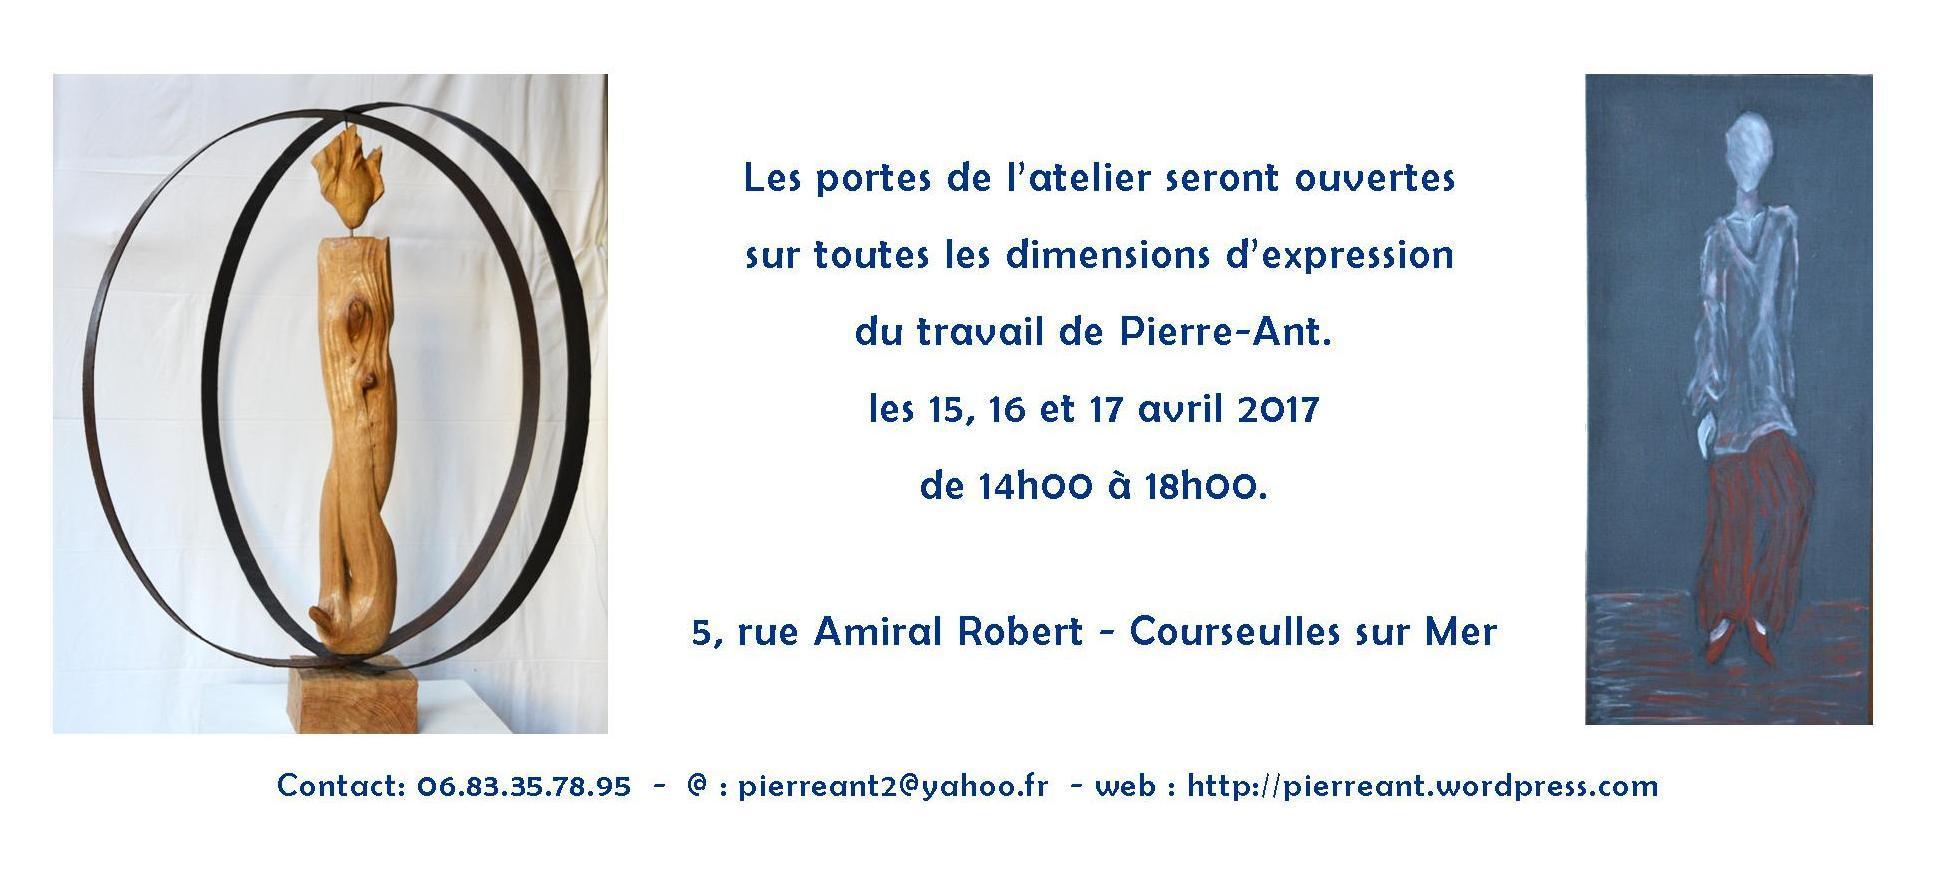 Actualité de pierre-antoine maignier Pierre-Ant. sculpture peinture Atelier portes ouvertes